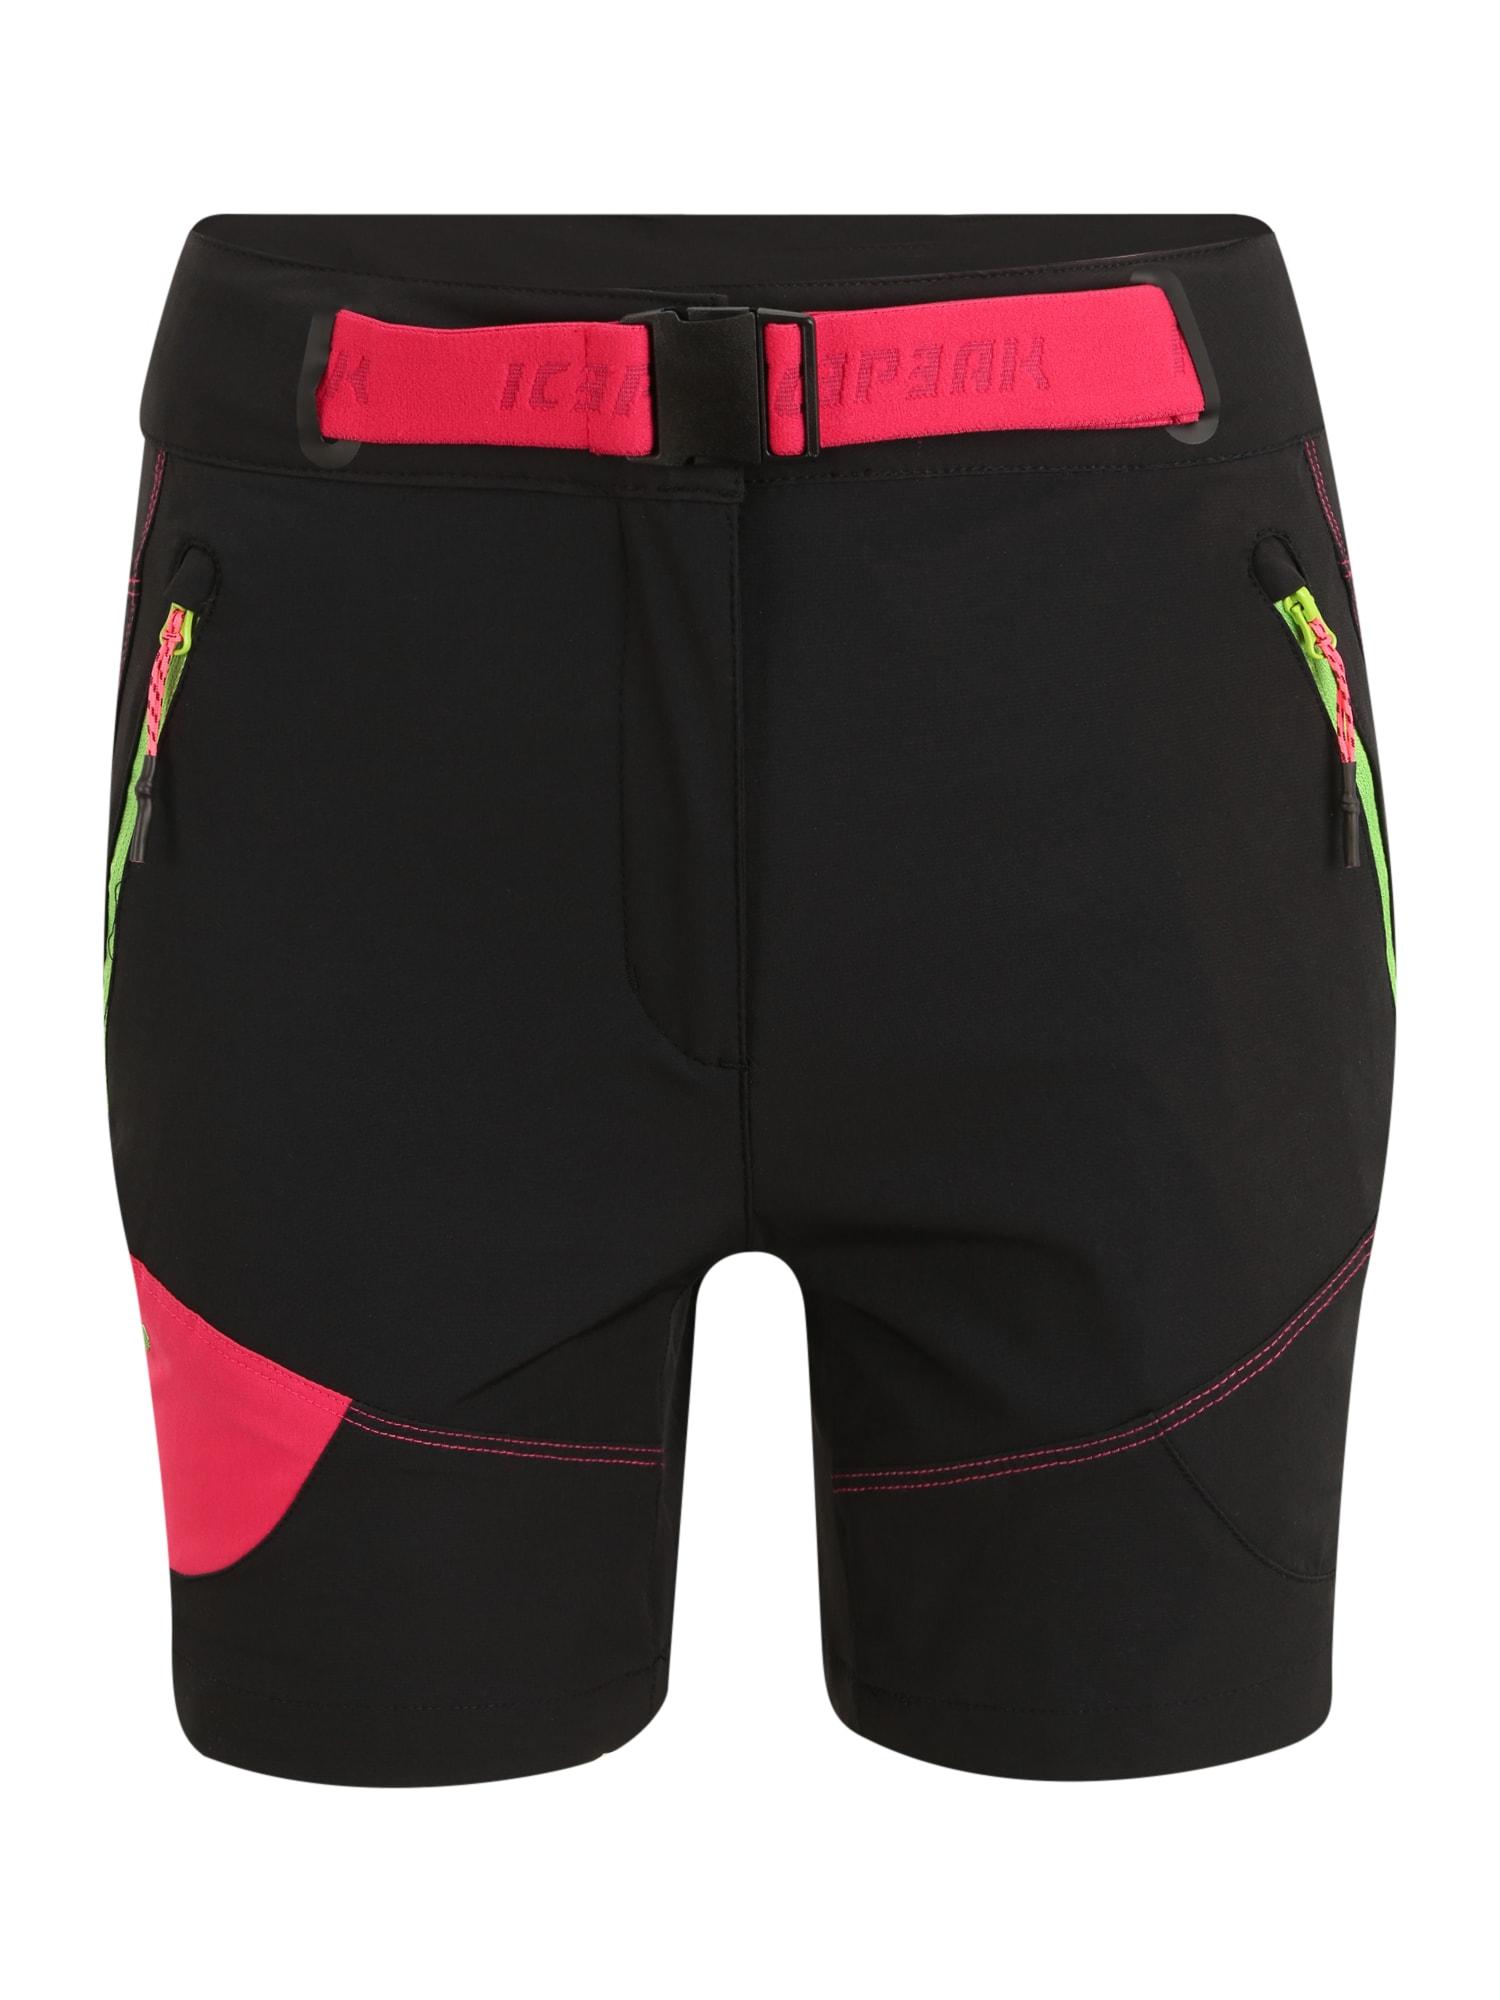 ICEPEAK Sportinės kelnės antracito / raudona